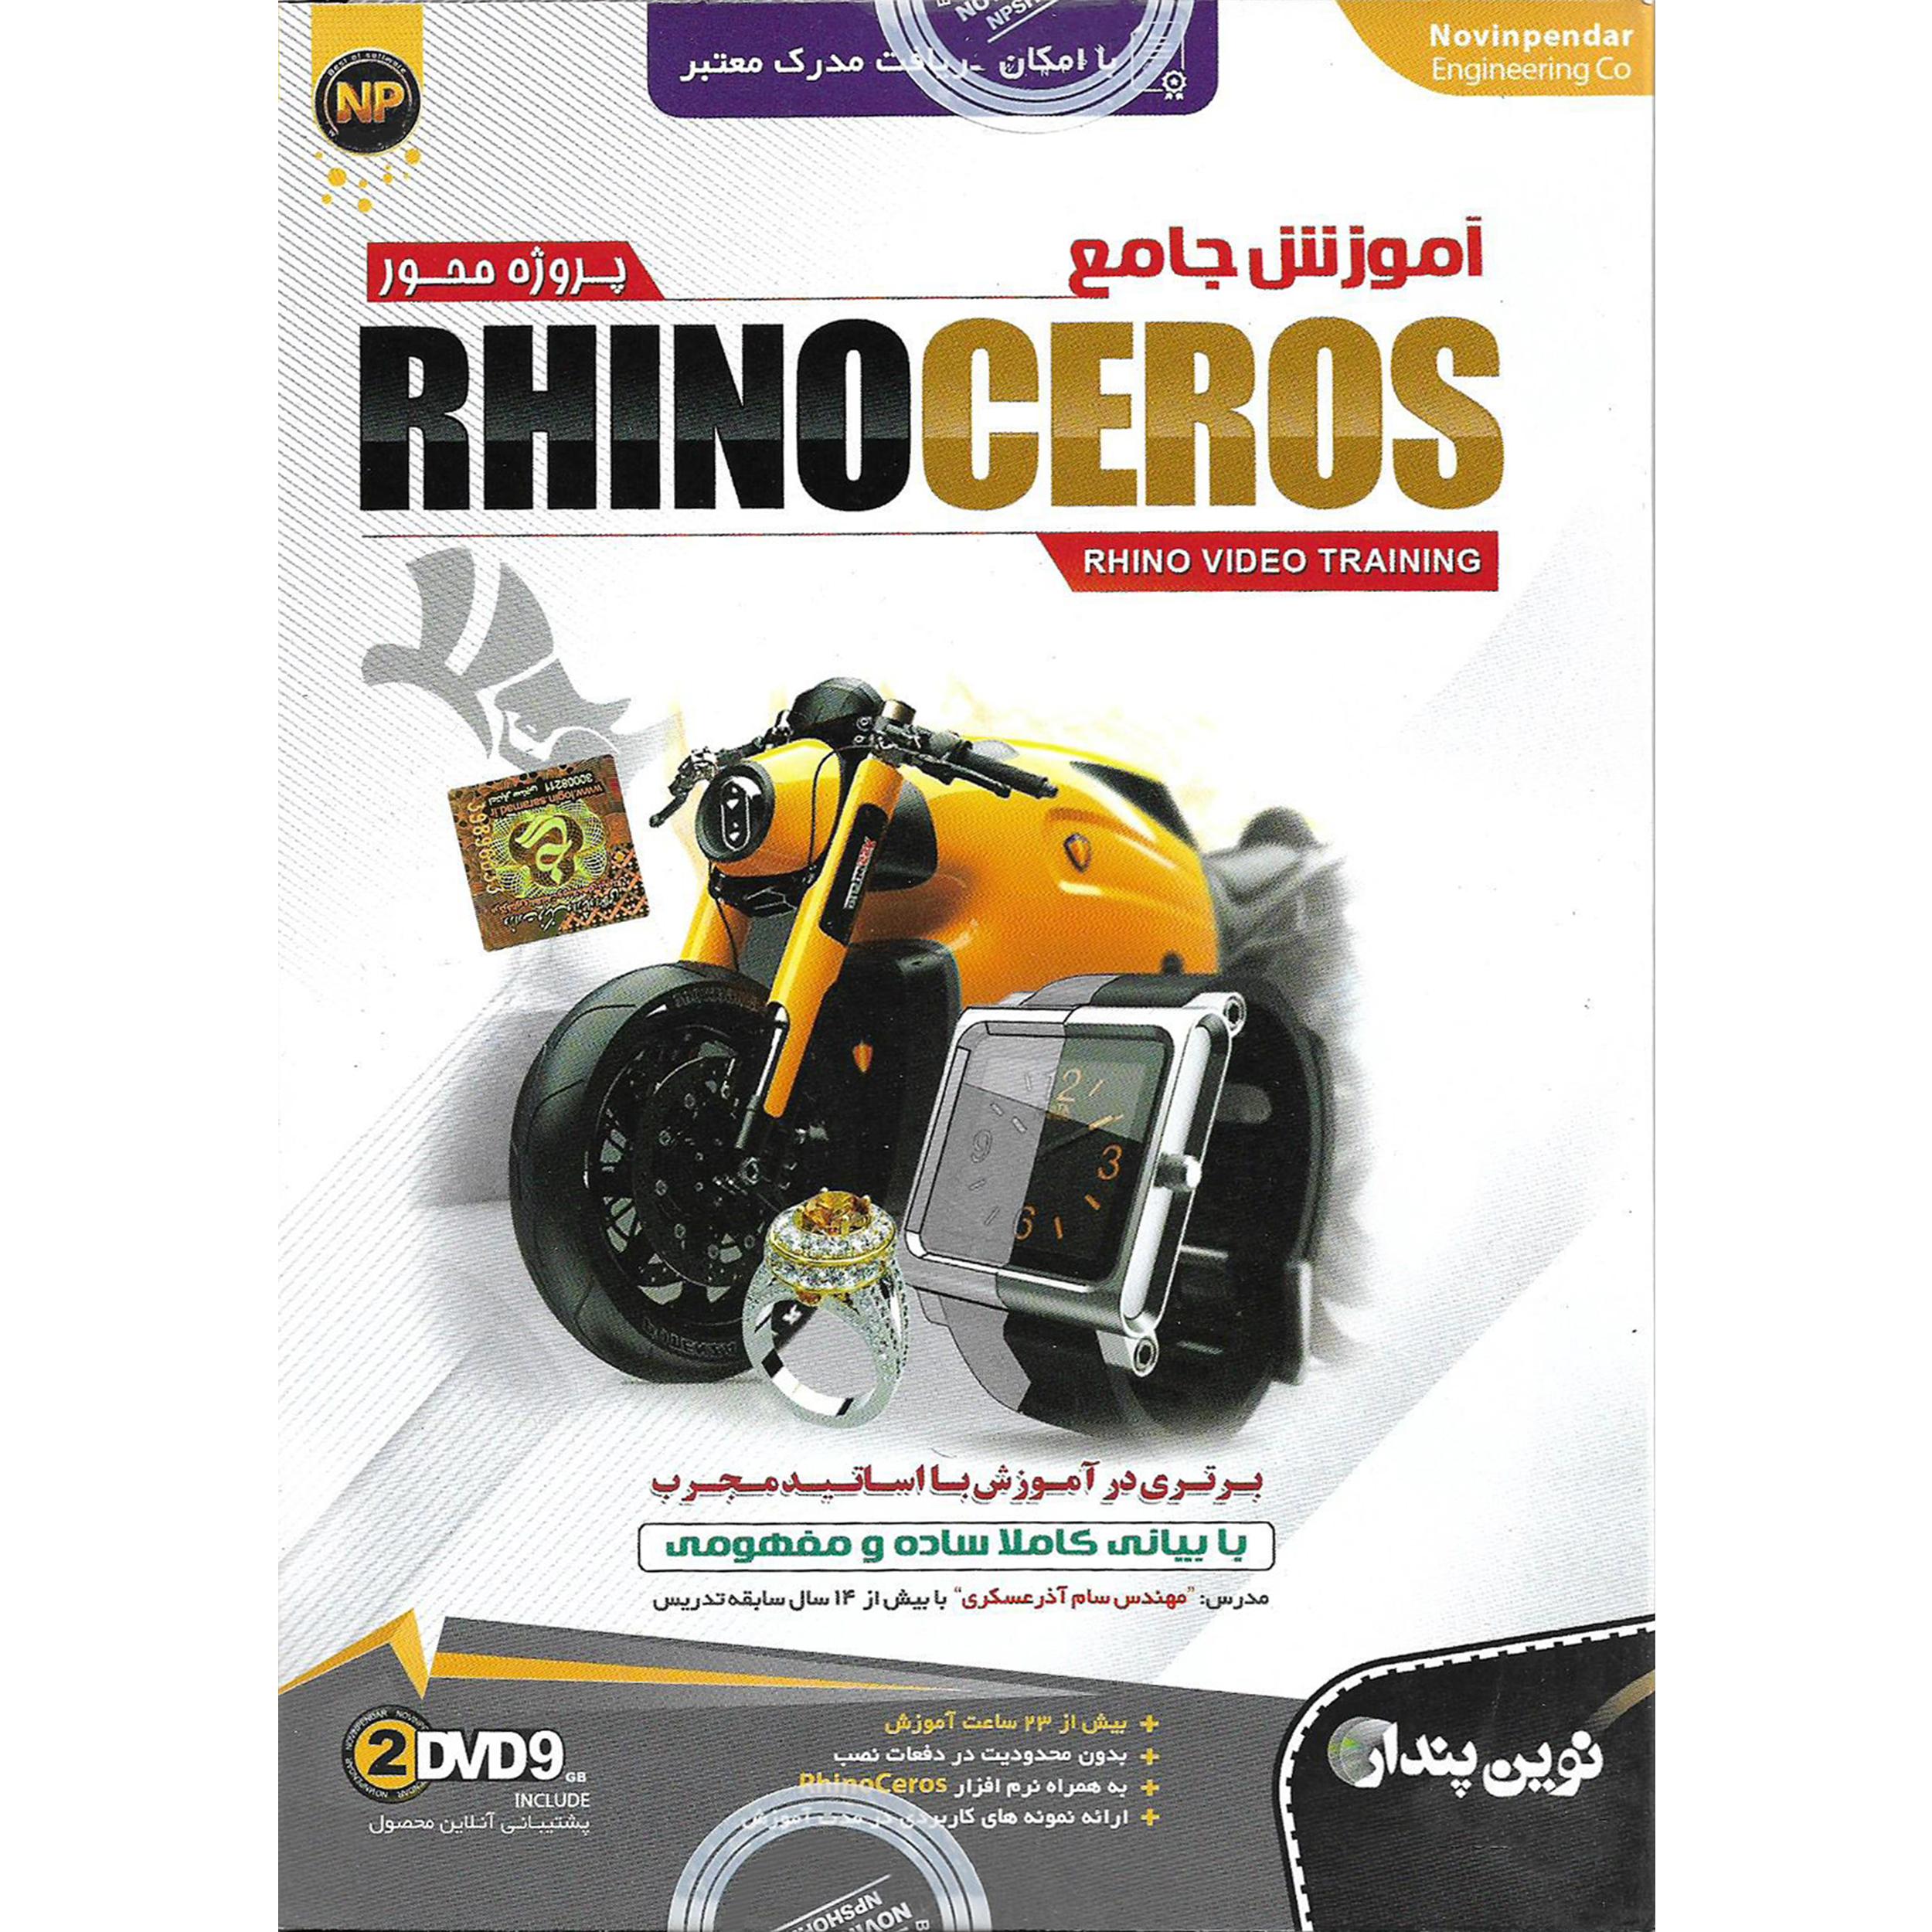 نرم افزار آموزش جامع پروژه محور RHINO CEROS نشر نوین پندار